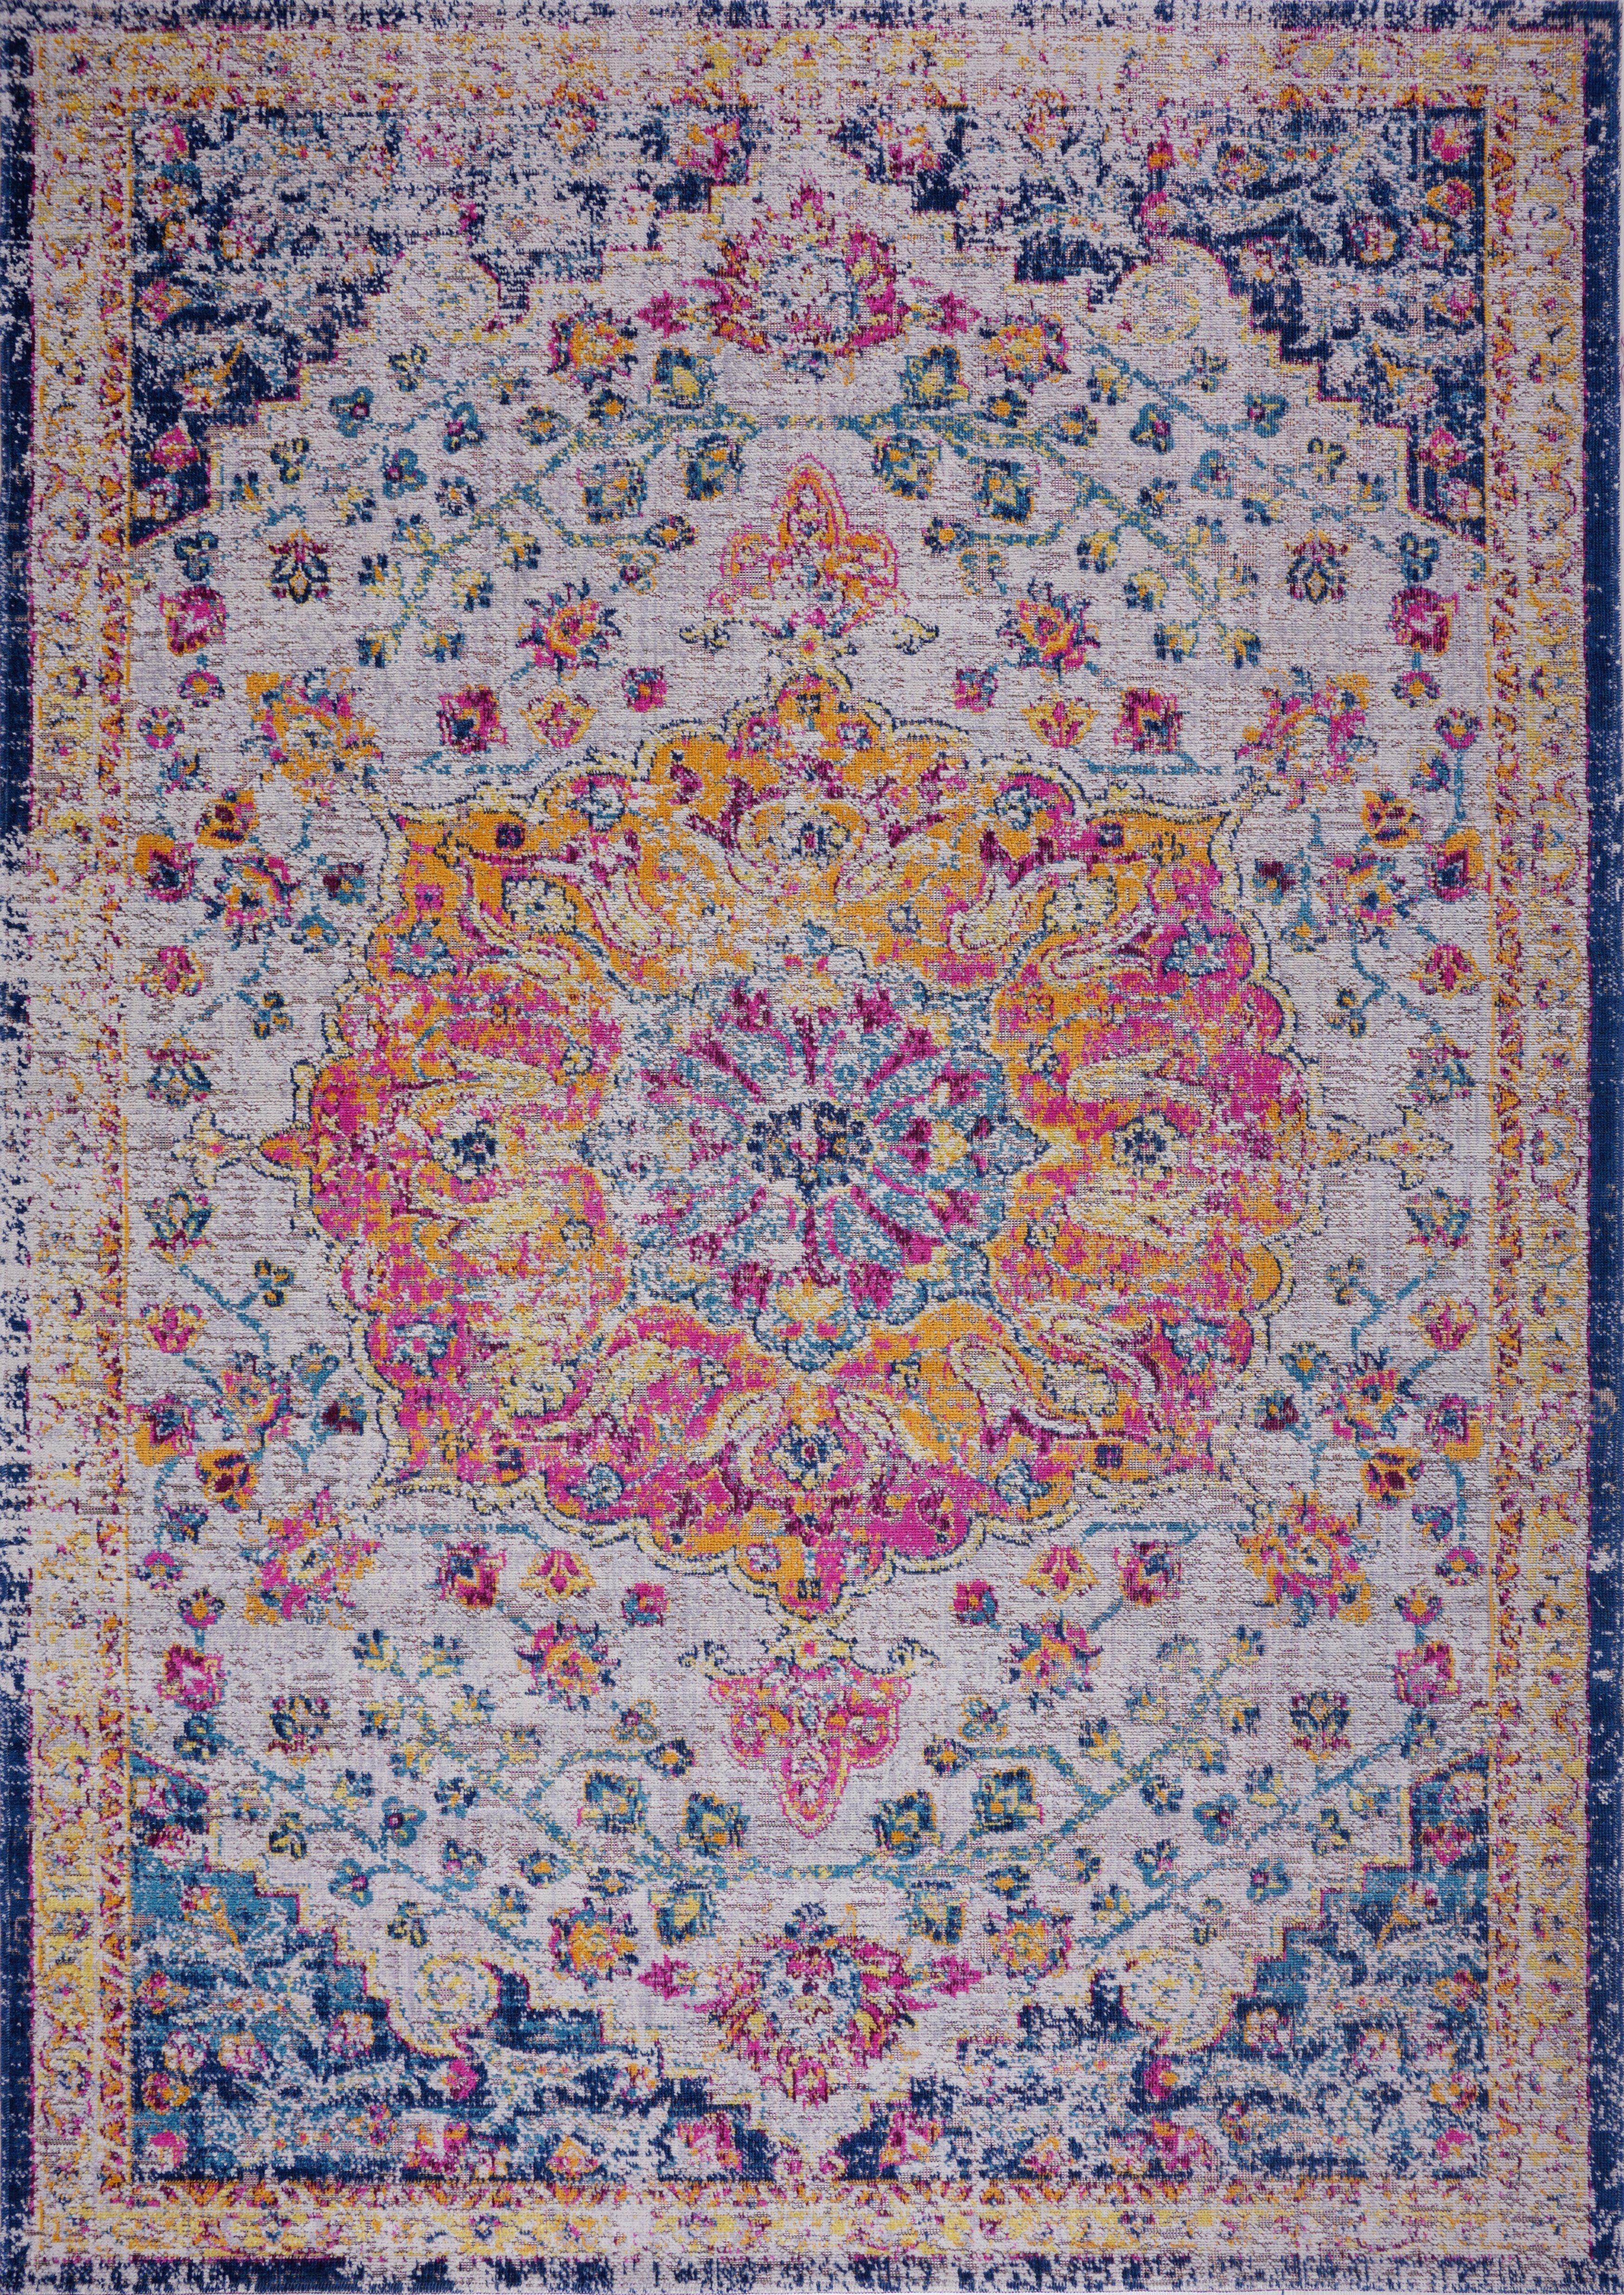 Orlando Blue Yellow Traditional Indoor Outdoor Area Rug Orange La Dole Rugs Pink Fl Persian Boho